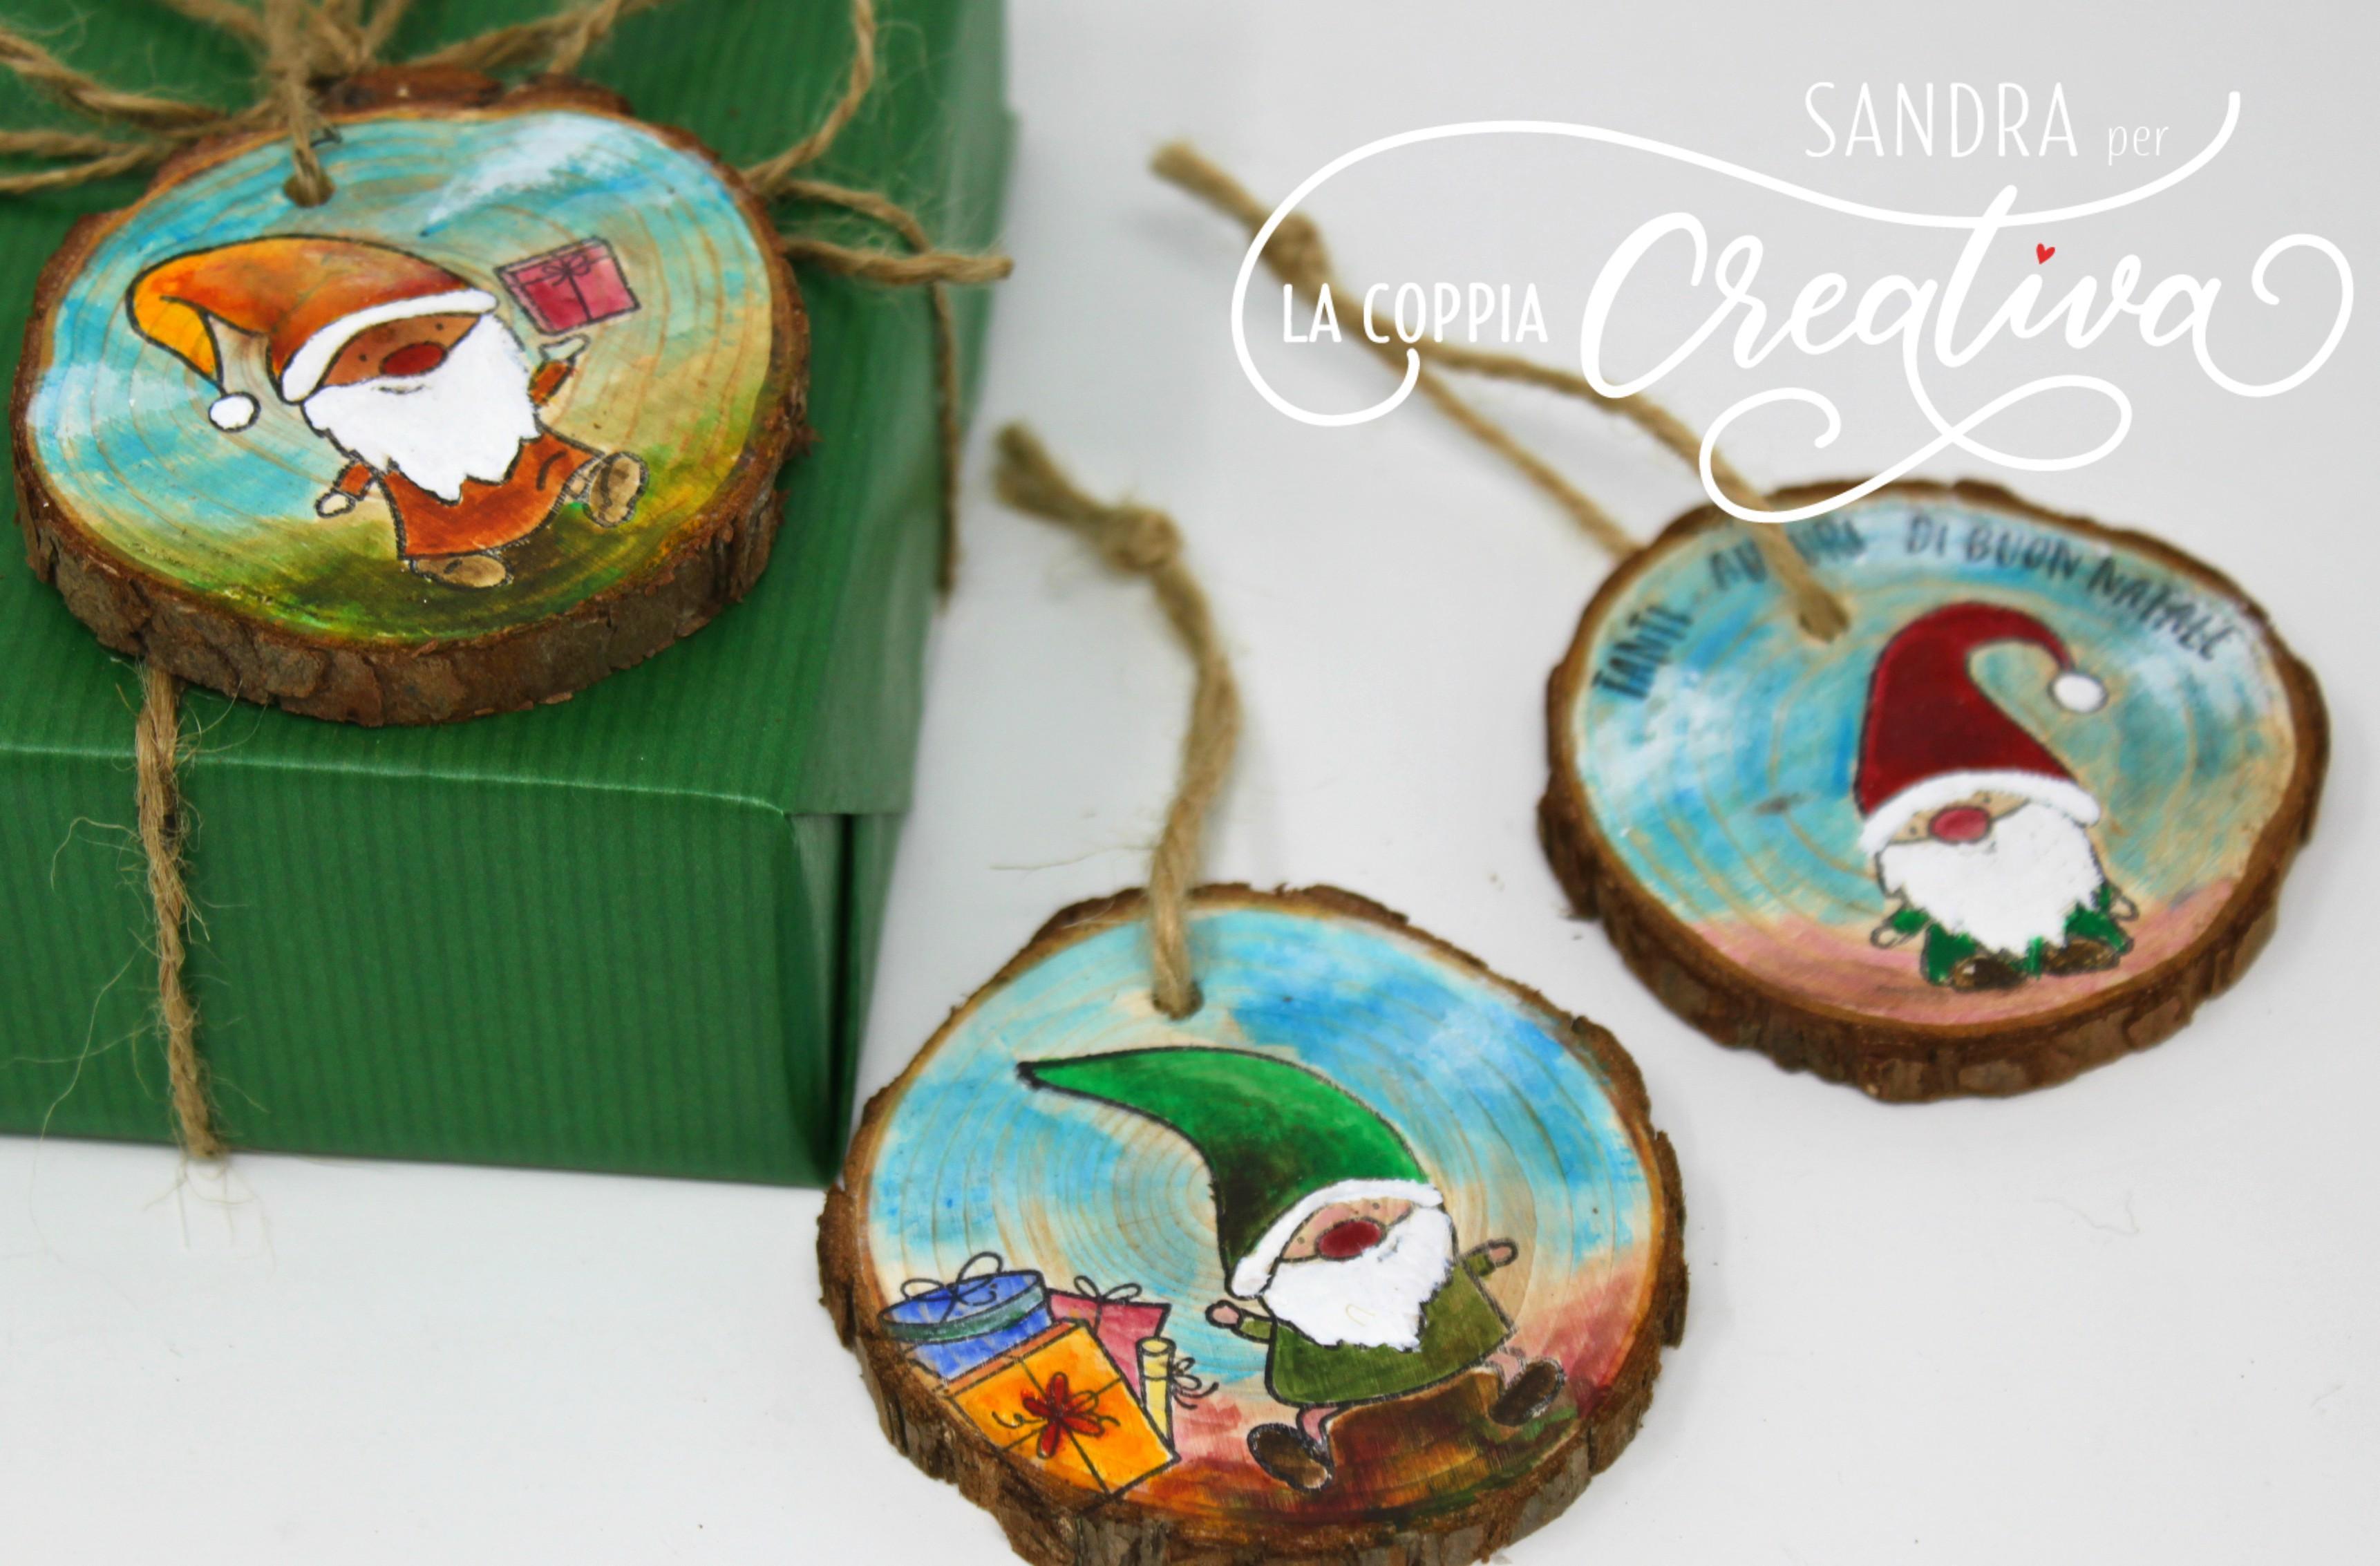 Lavoretti In Legno Per Natale decorazioni natalizie in legno - la coppia creativa